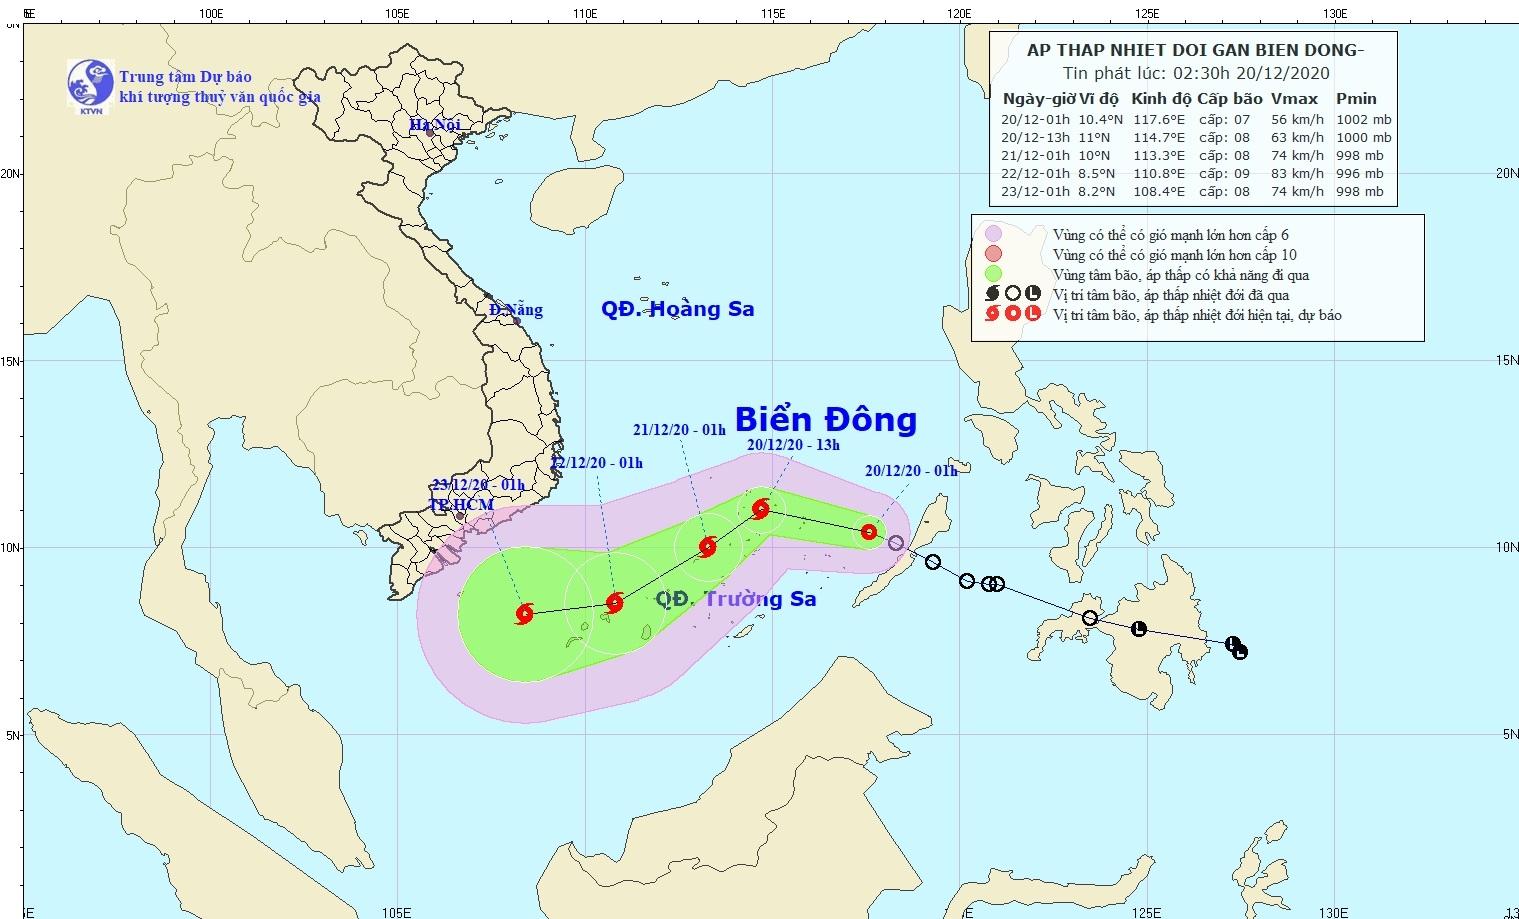 Bắc Bộ và Bắc Trung Bộ tiếp tục rét đậm, áp thấp nhiệt đới trên Biển Đông mạnh lên thành bão